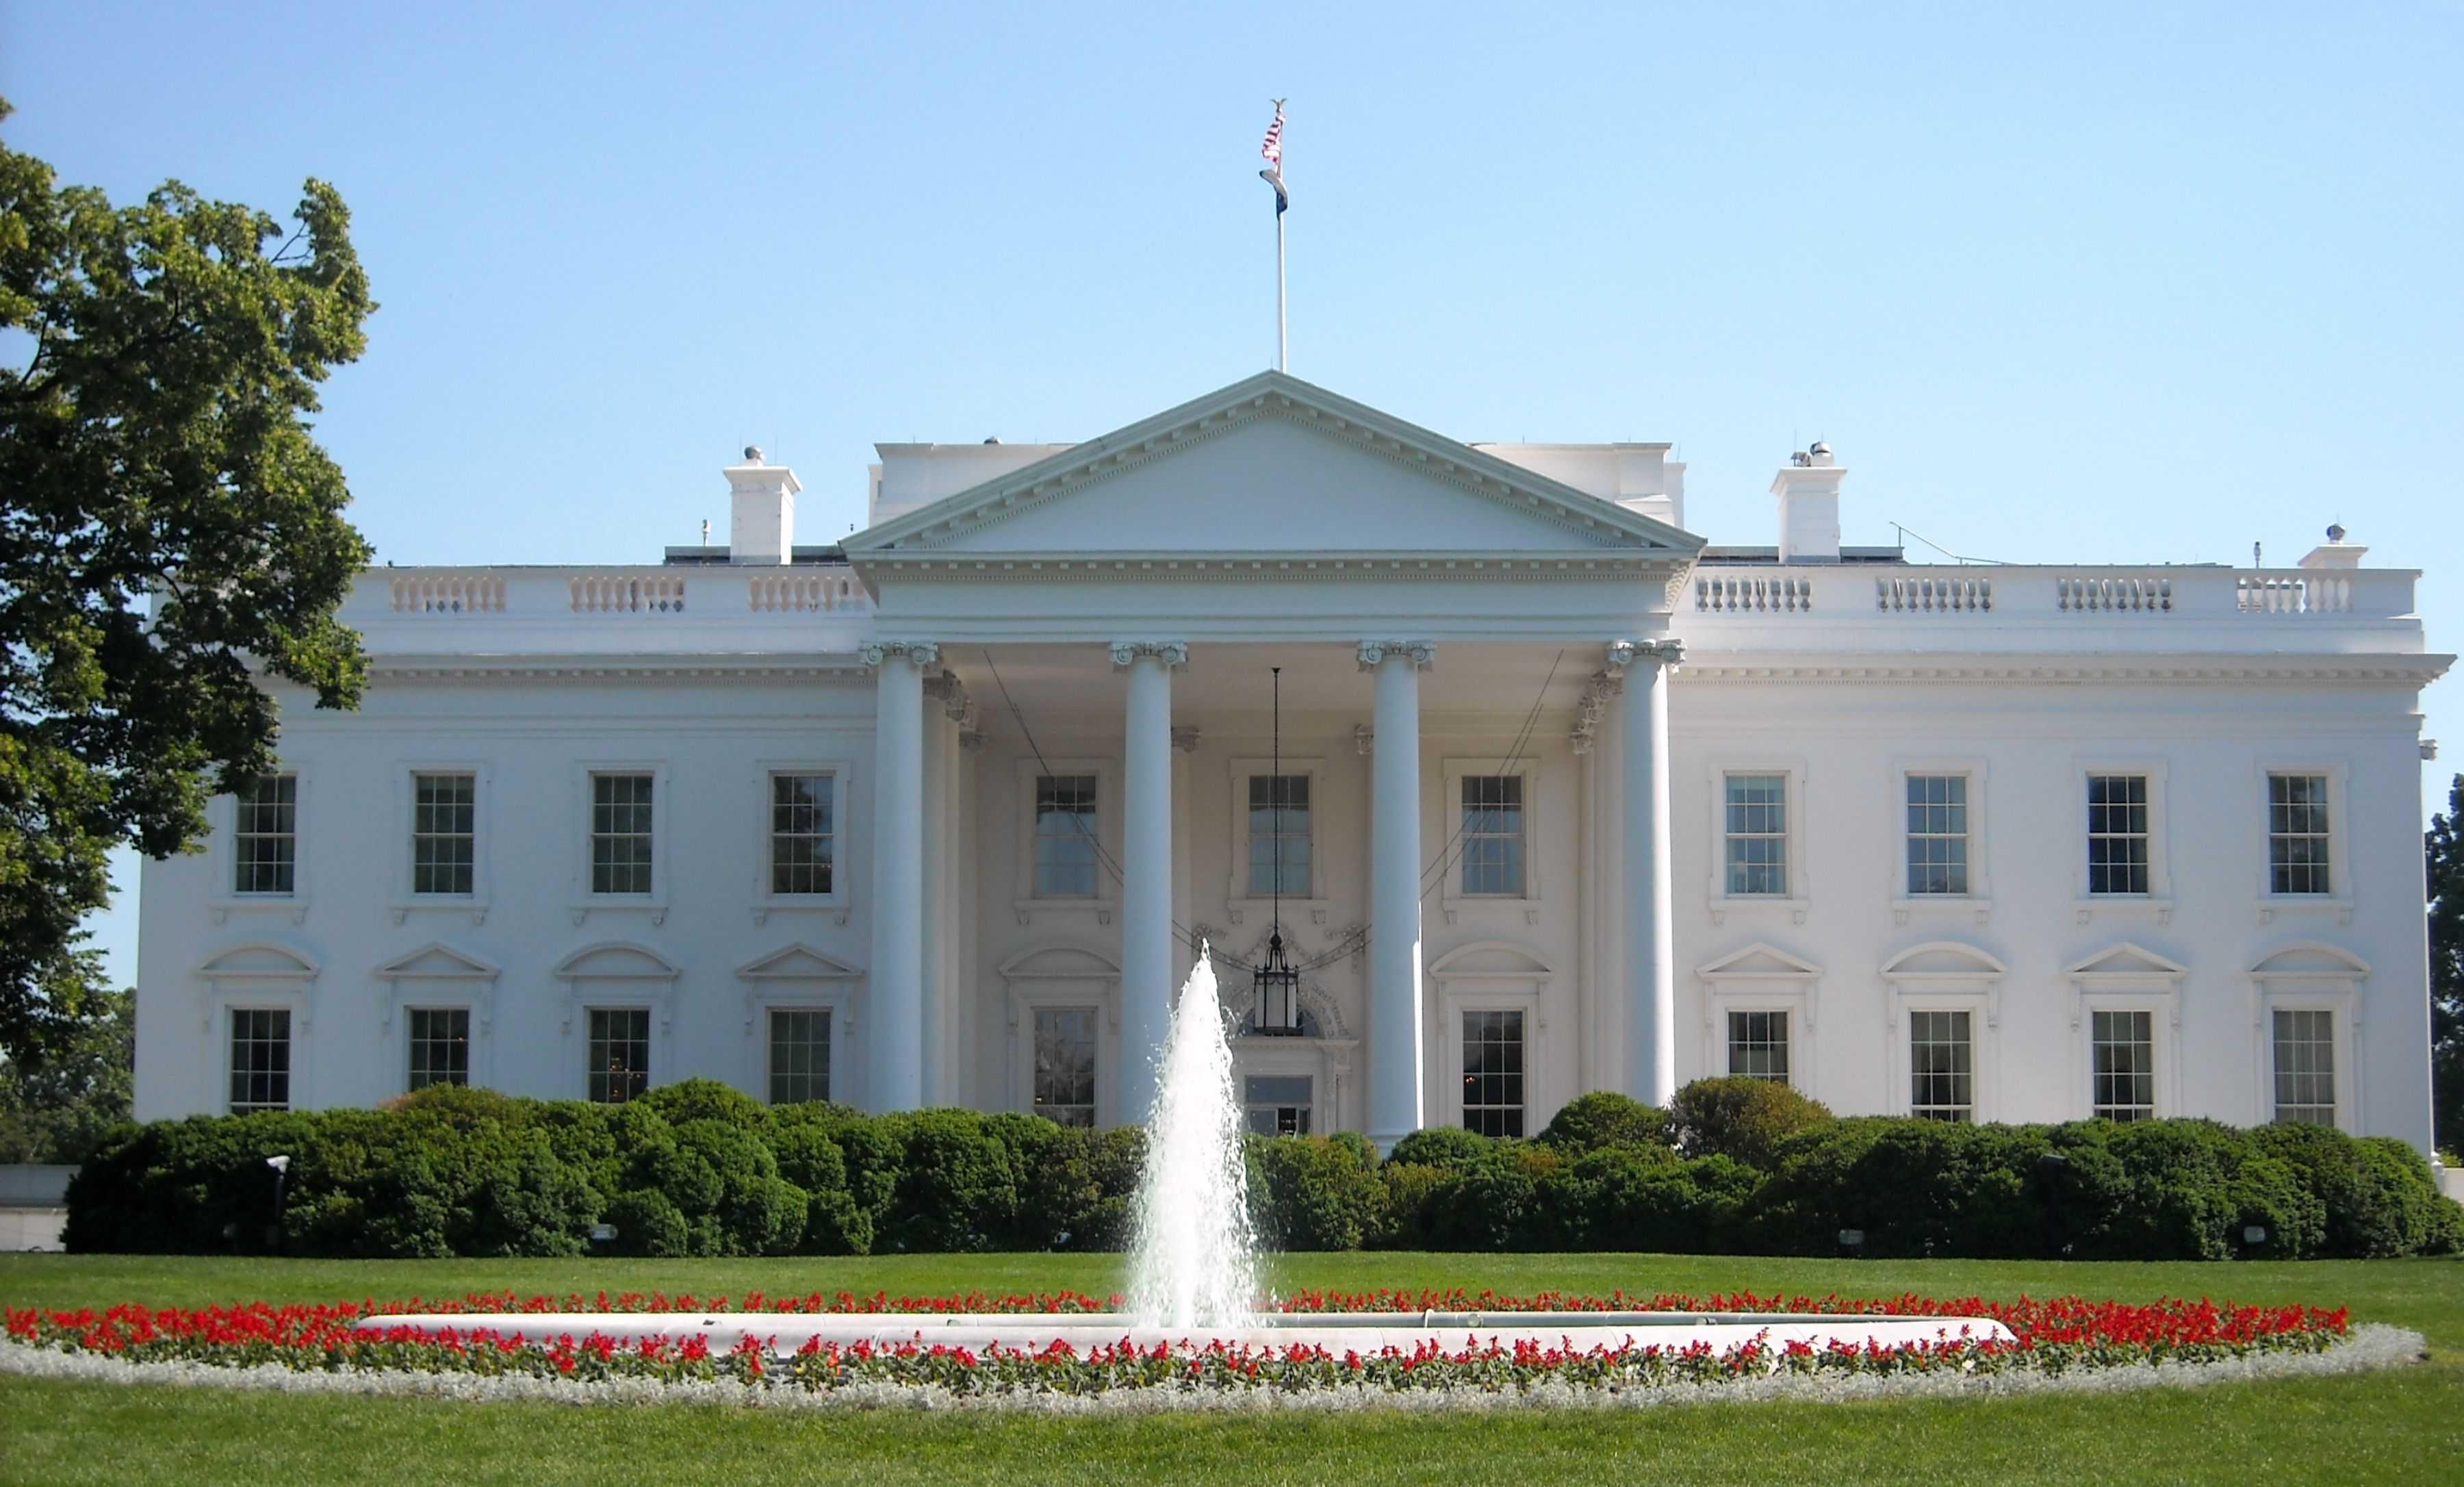 La administración nuevo de Trump comenzó sus plazo eliminado de la versión de sitio web de la Casa Blanco en español.